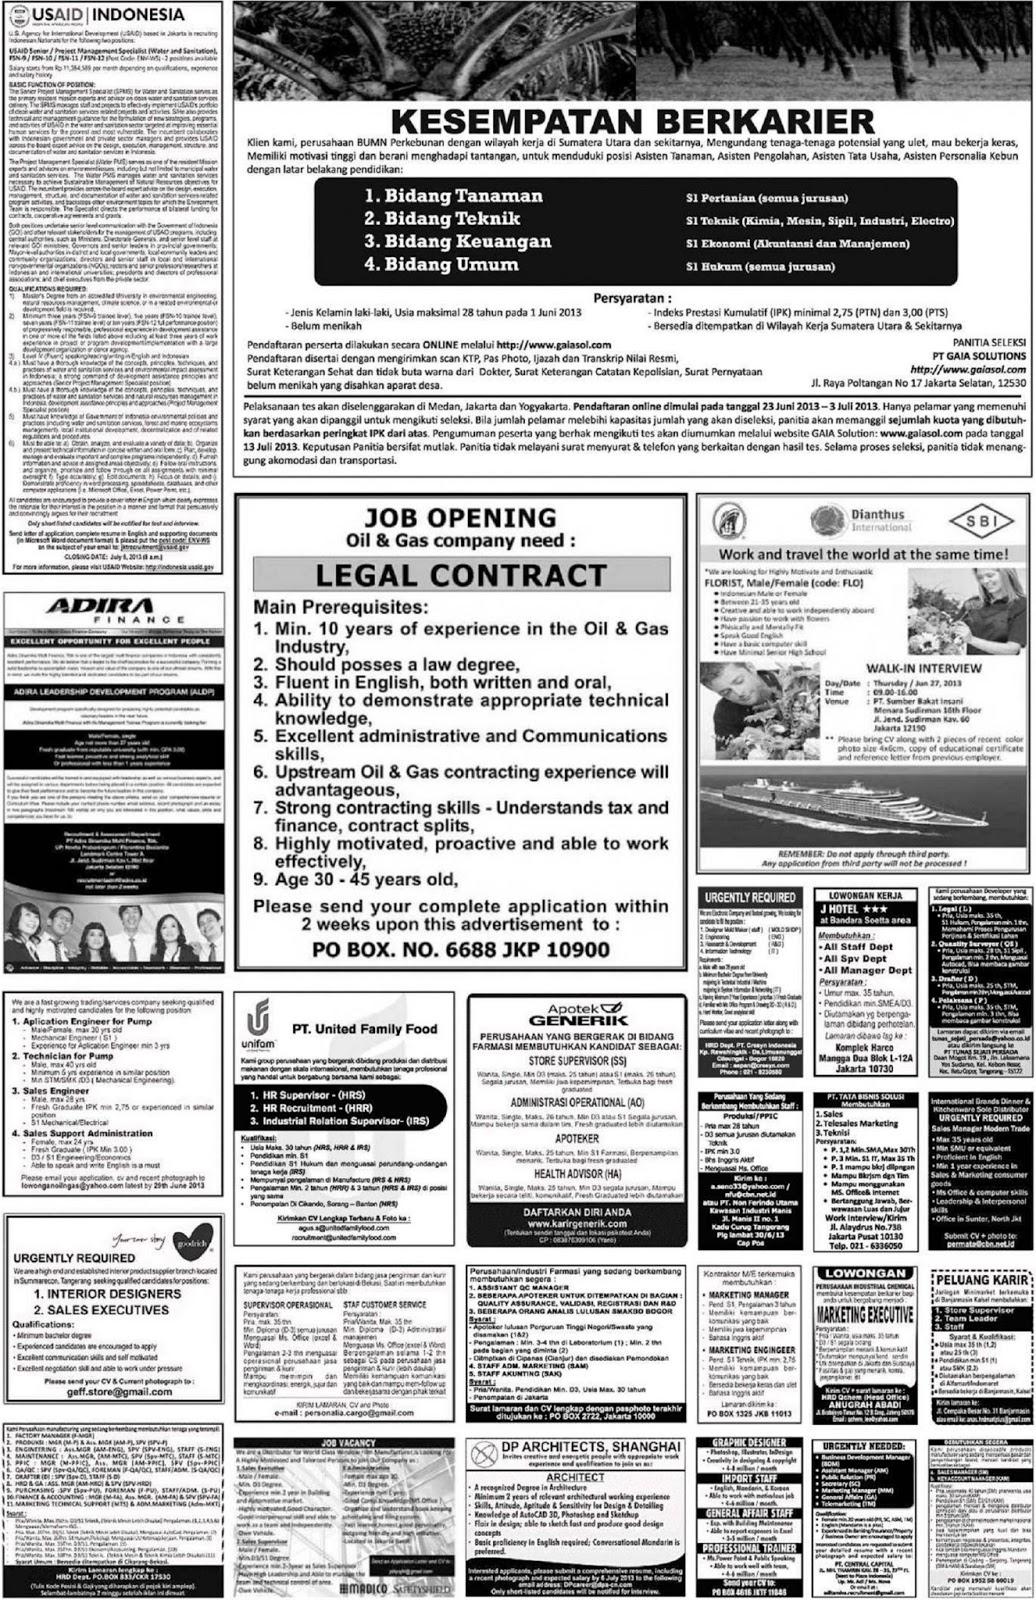 Info Loker 2013 Di Klaten Lowongan Kerja Bp Indonesia Terbaru September 2016 Info Portal Info Lowongan Kerja Di Yogyakarta Terbaru 2015 Share The